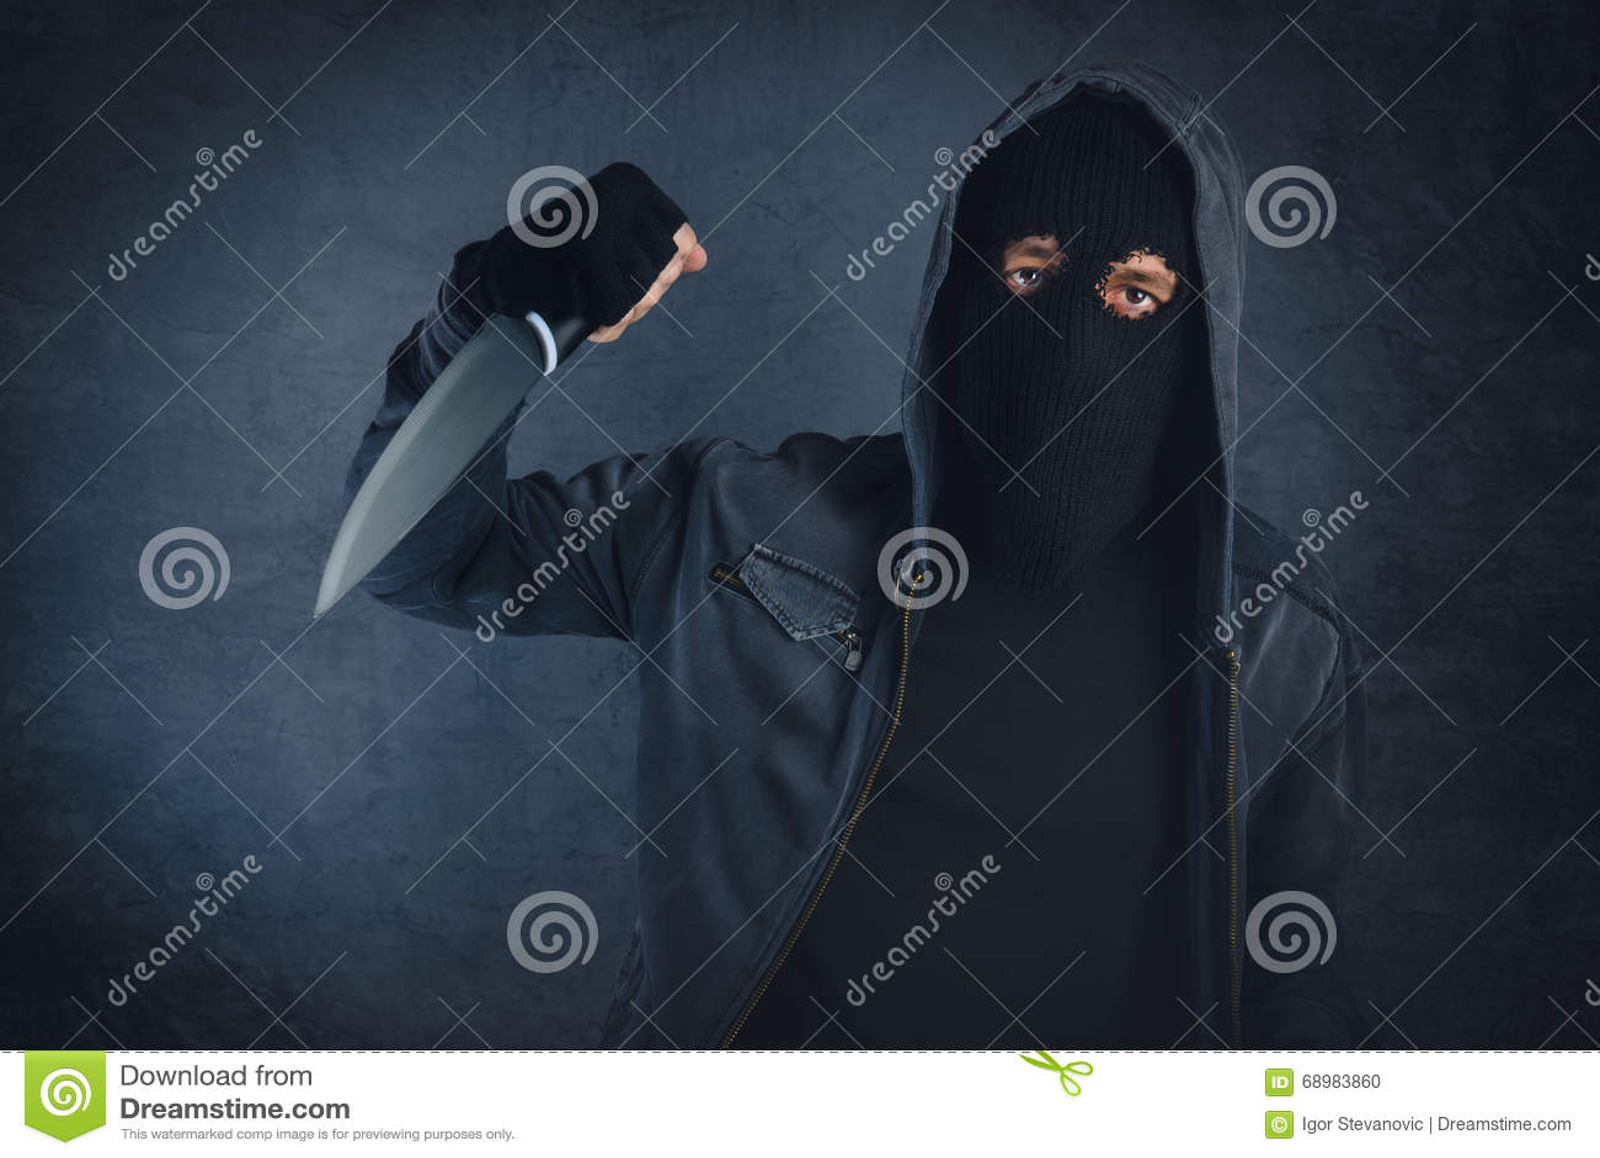 Verbrecher mit dem scharfen threating Messer, der Gesichtspunkt des Opfers